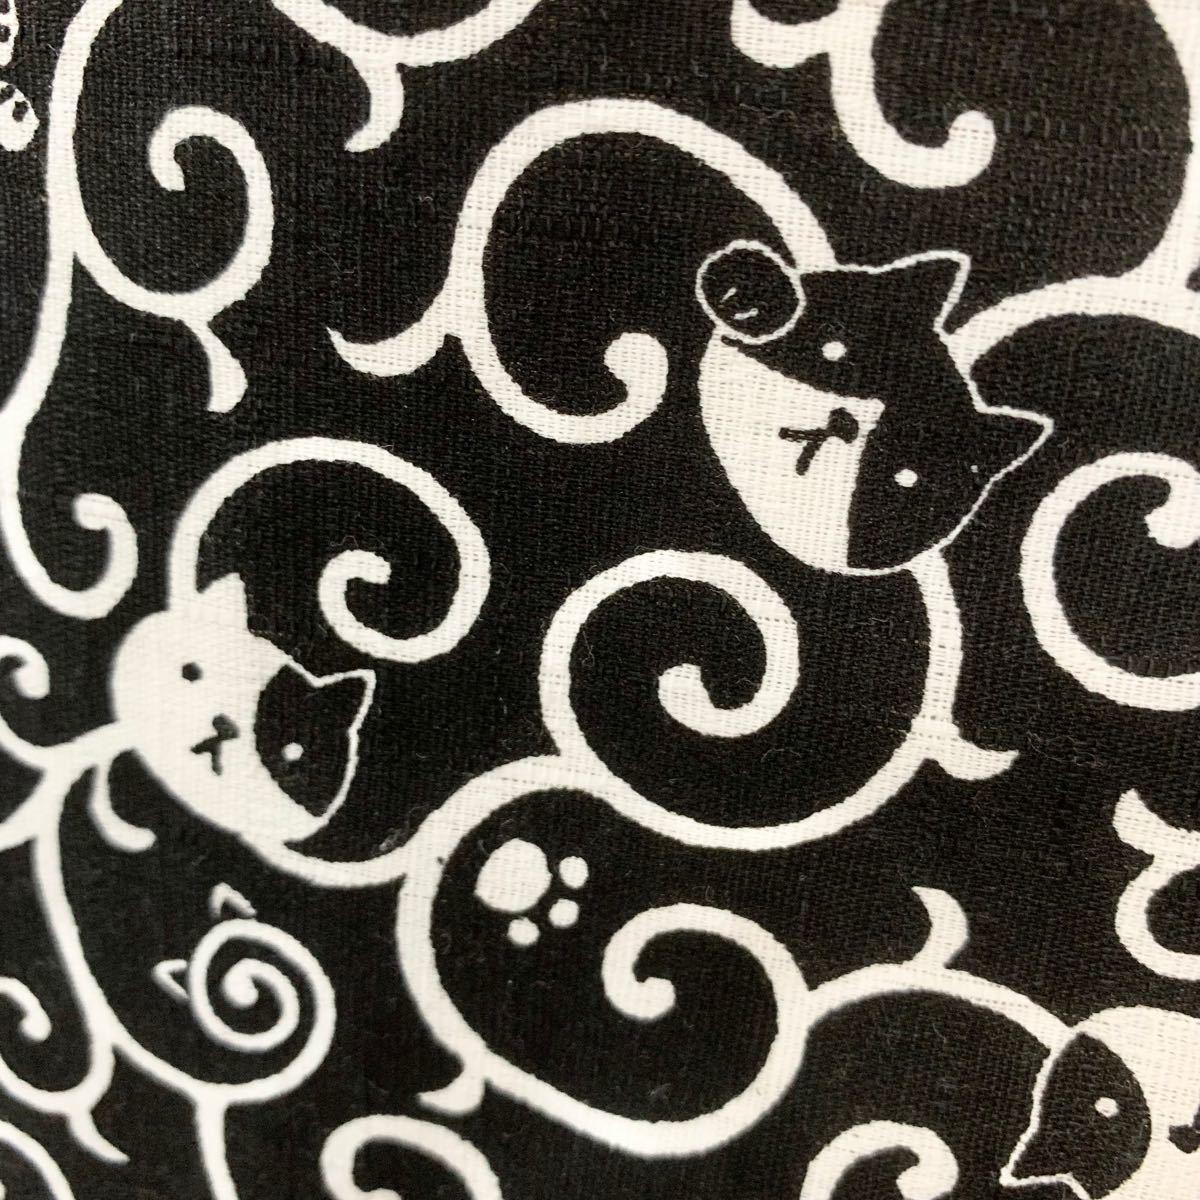 ハンドメイド レース ネコ 猫 ネコ 黒 トートバッグ 手さげ カバン 革 持ち手 手作りトートバッグ ハンドメイドバッグ 内ポケ